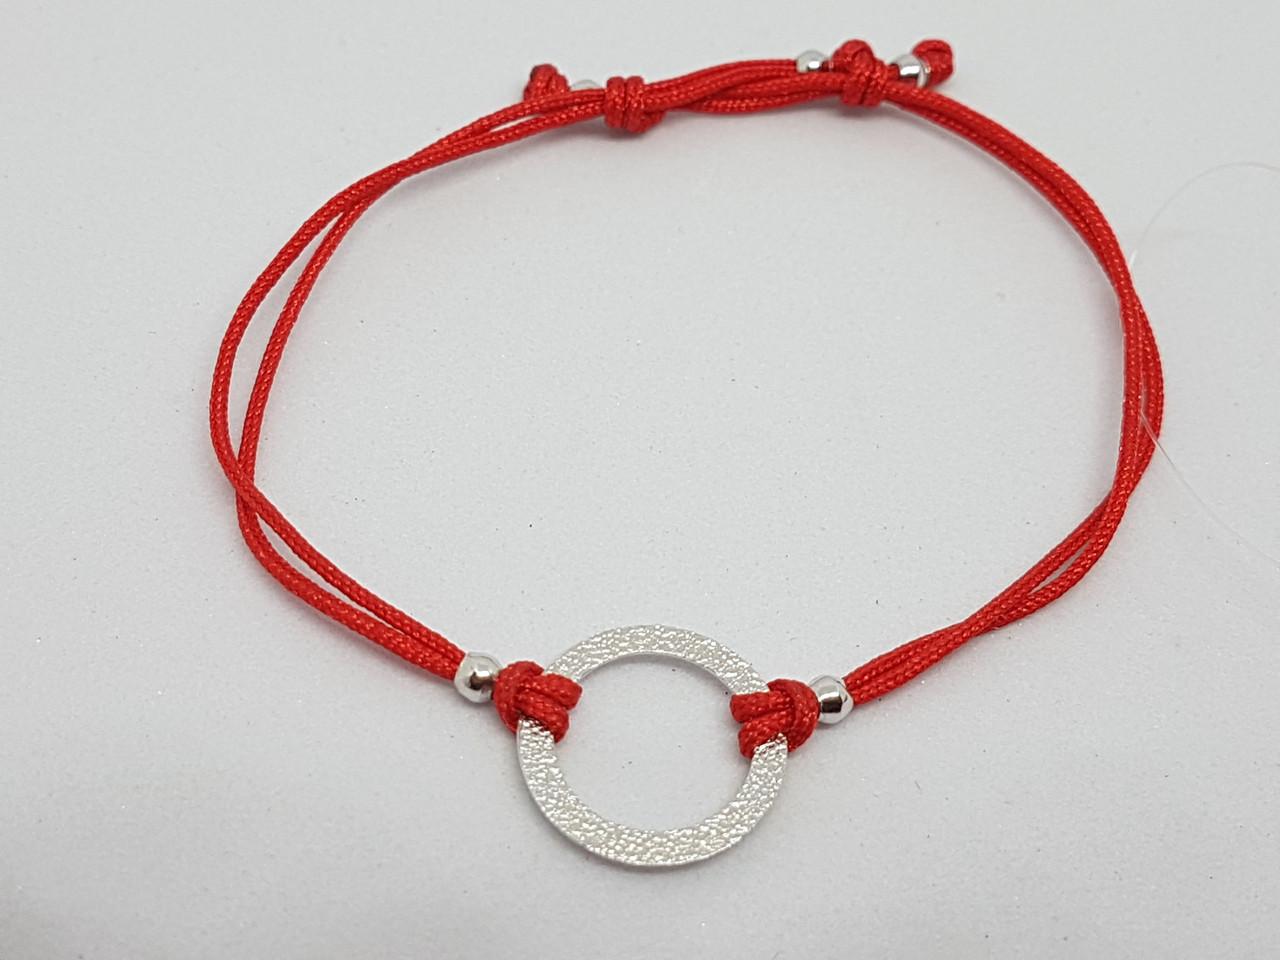 Браслет из текстиля с серебряными вставками. Артикул 905-00988